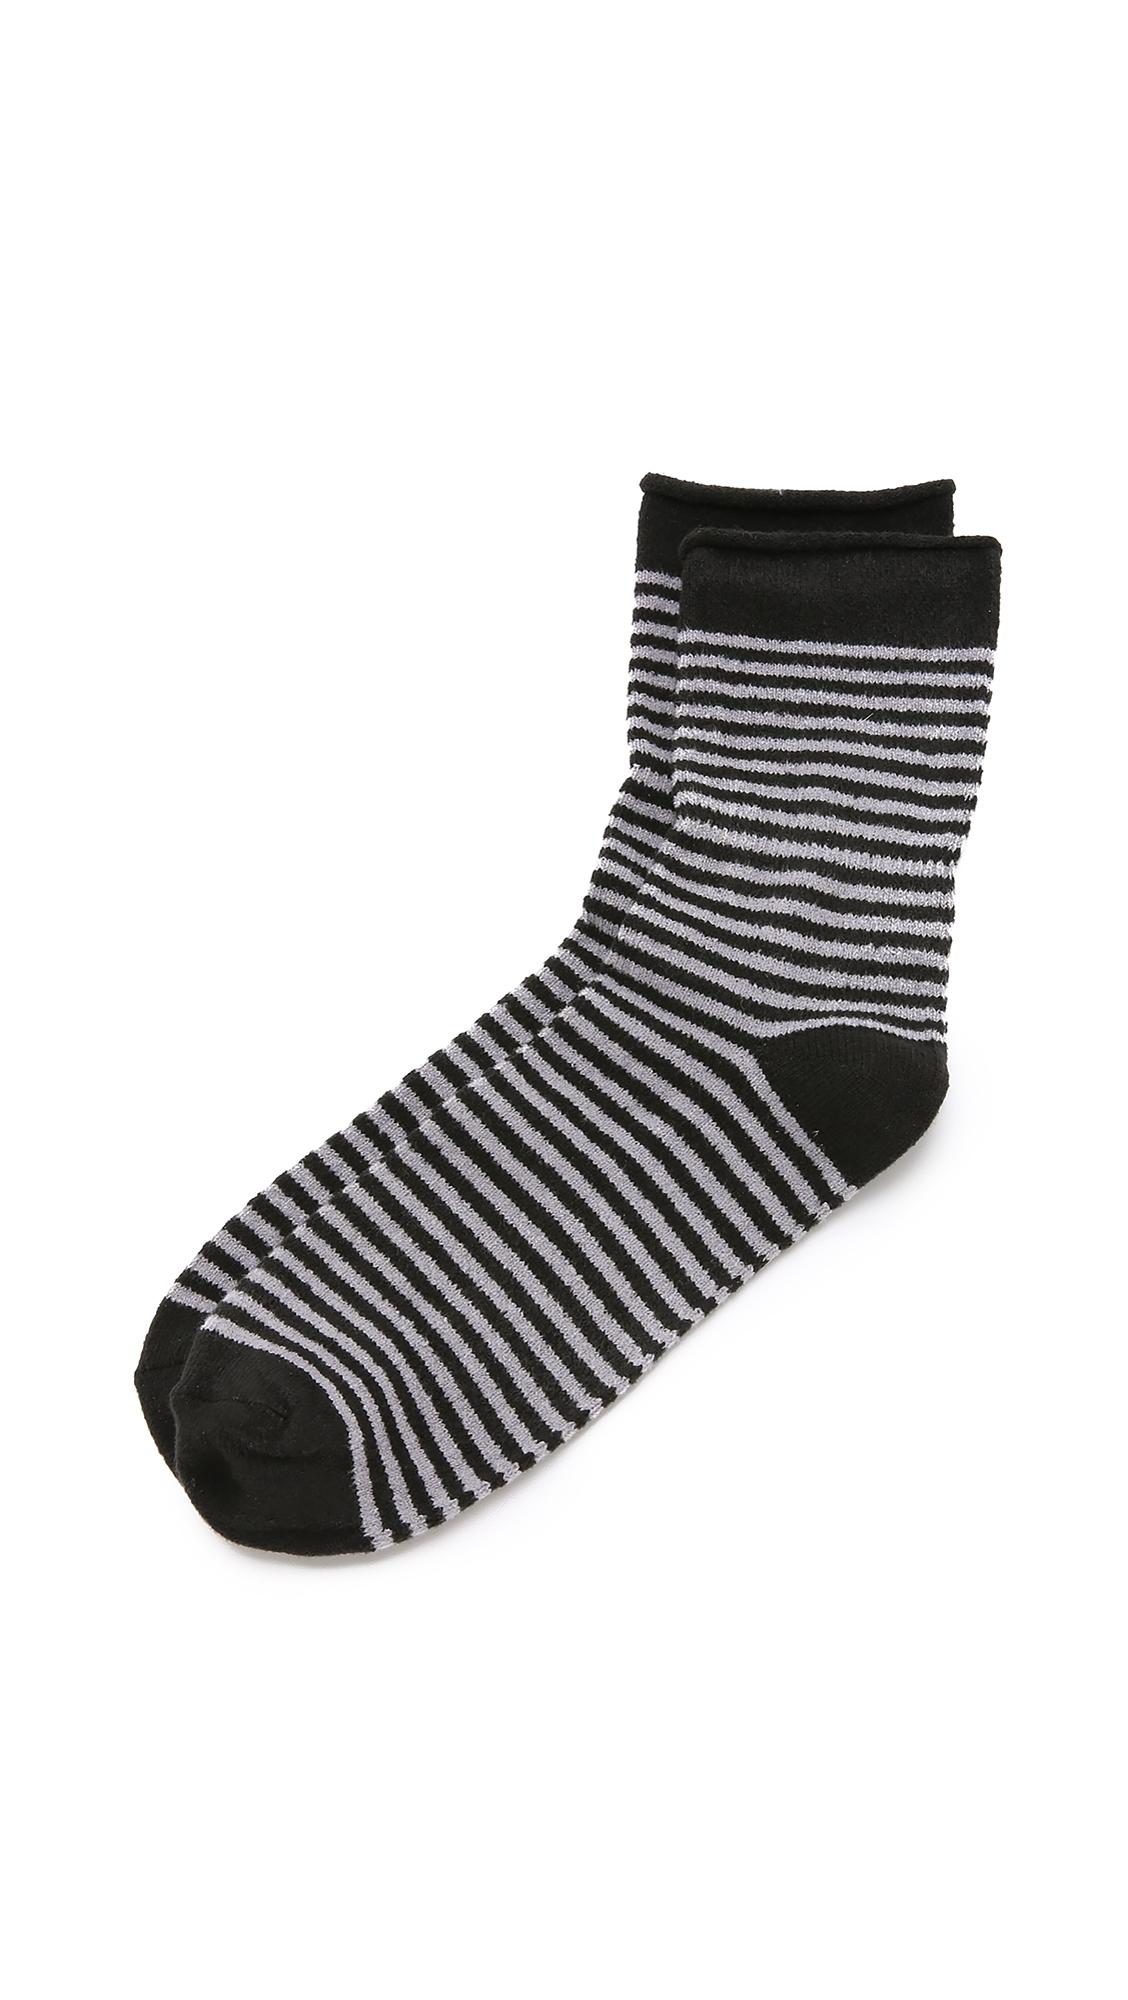 PLUSH Stripe Rolled Fleece Socks in Charcoal